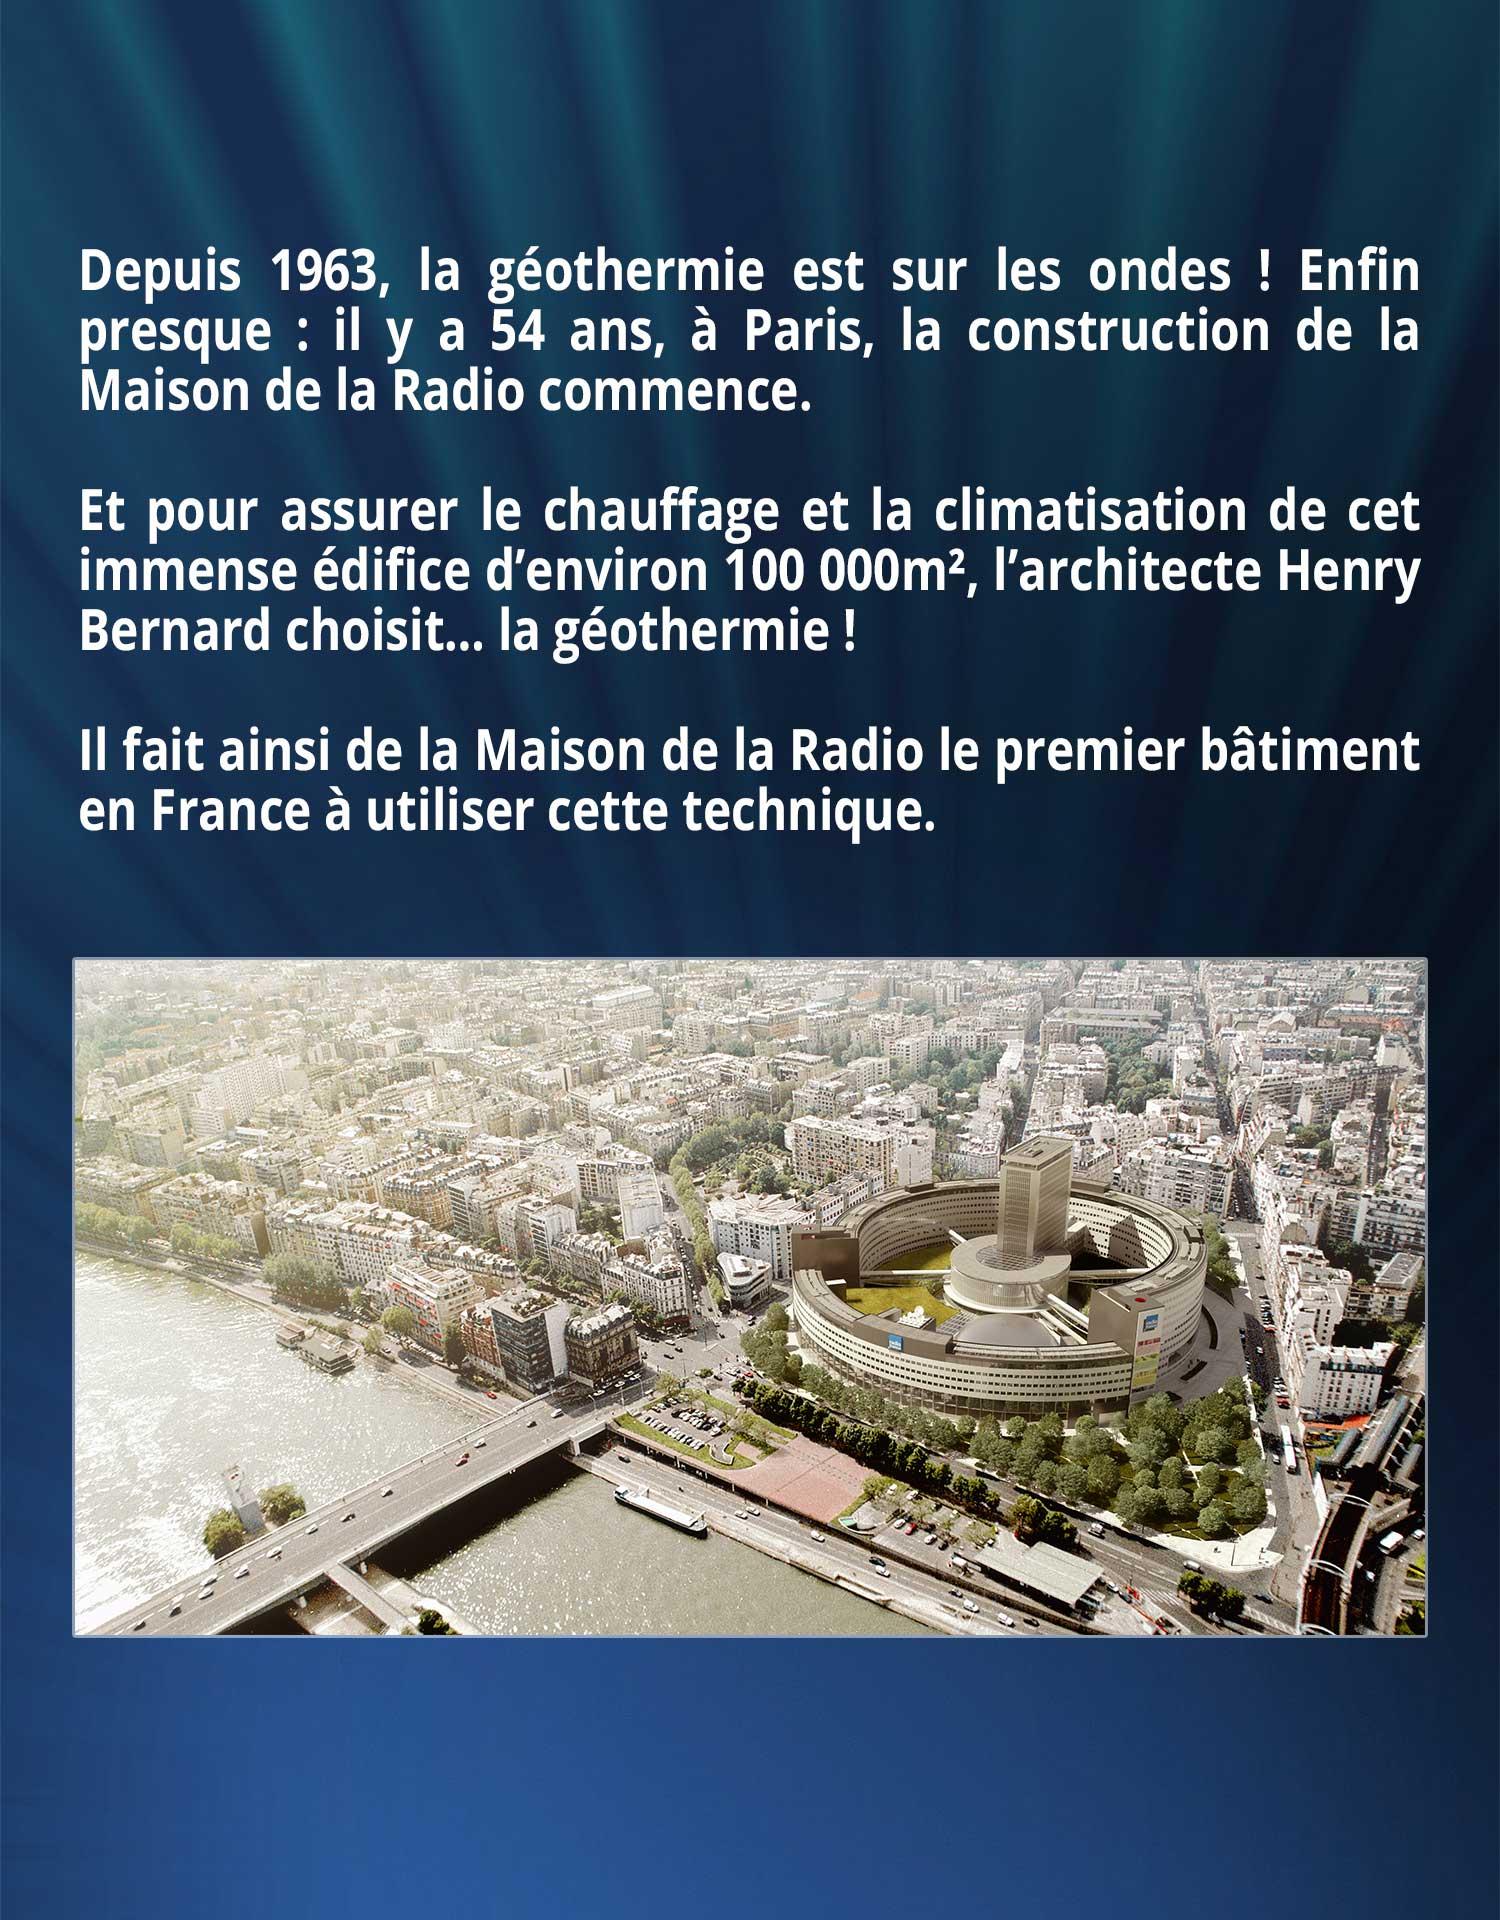 Depuis 1963, la géothermie est sur les ondes ! Enfin presque : il y a 54 ans, à Paris, la construction de la Maison de la Radio commence. Et pour assurer le chauffage et la climatisation de cet immense édifice d'environ 100 000m², l'architecte Henry Bernard choisit… la géothermie ! Il fait ainsi de la Maison de la Radio le premier bâtiment en France à utiliser cette technique.